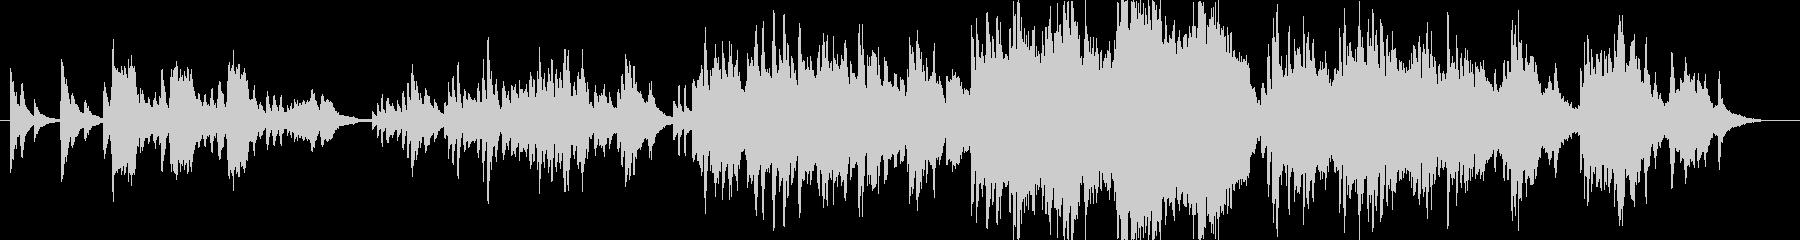 映像的なピアノとストリングス。の未再生の波形